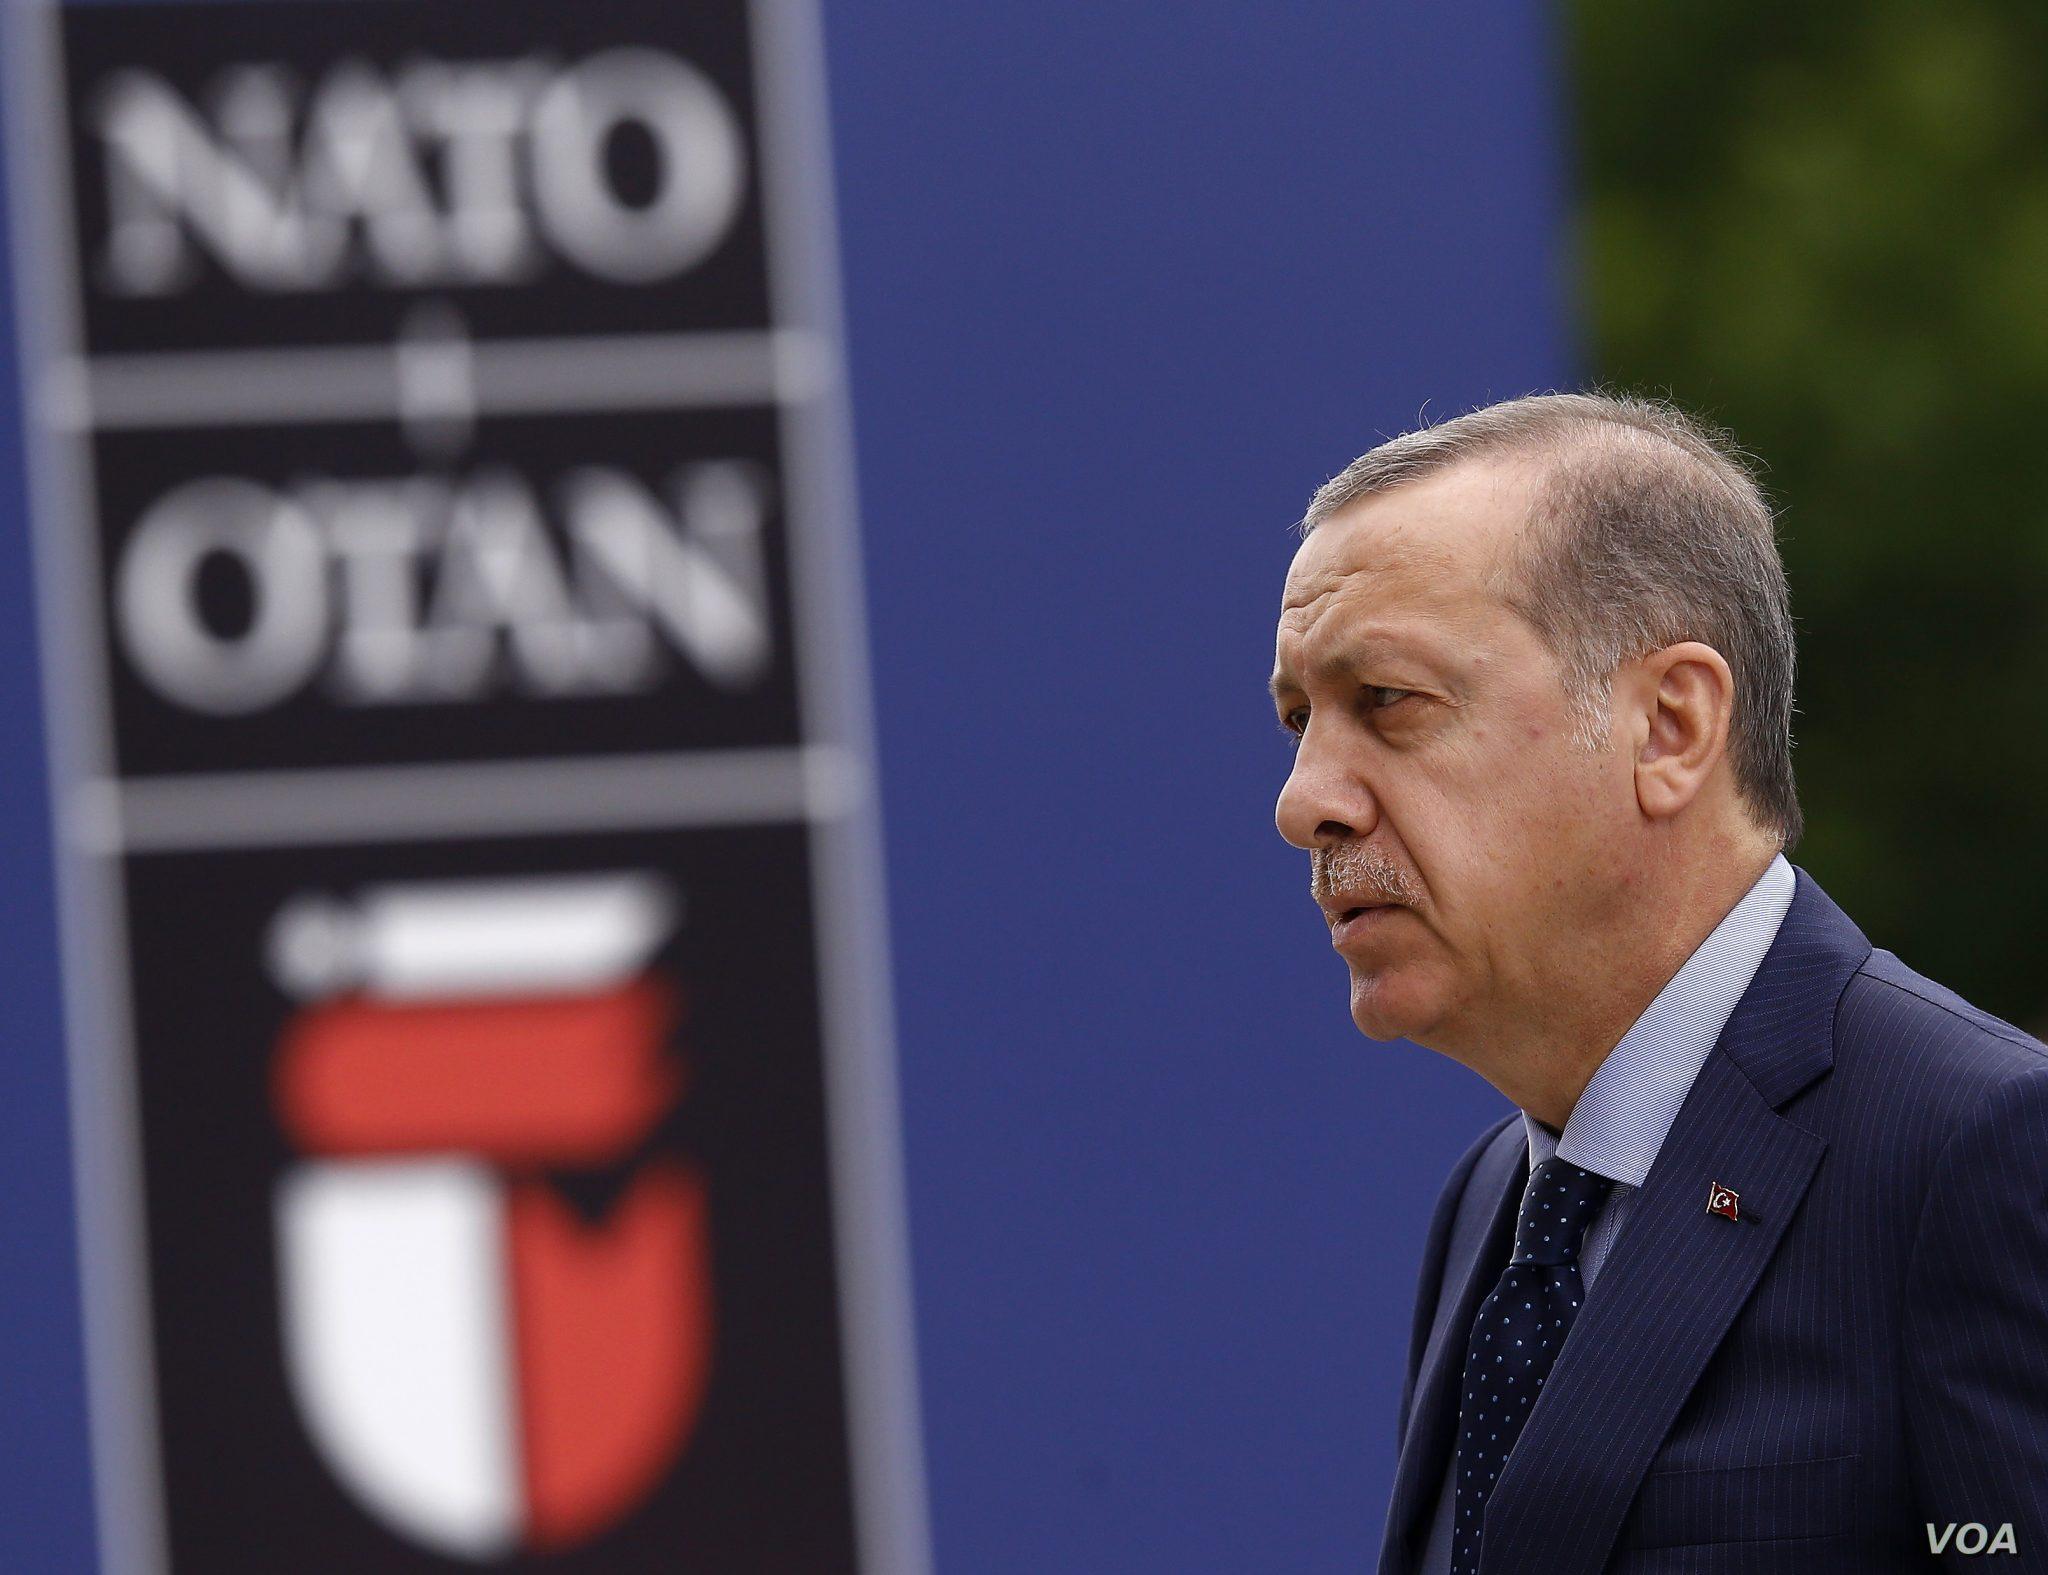 صورة الاتحاد الأوروبي يحذر تركيا